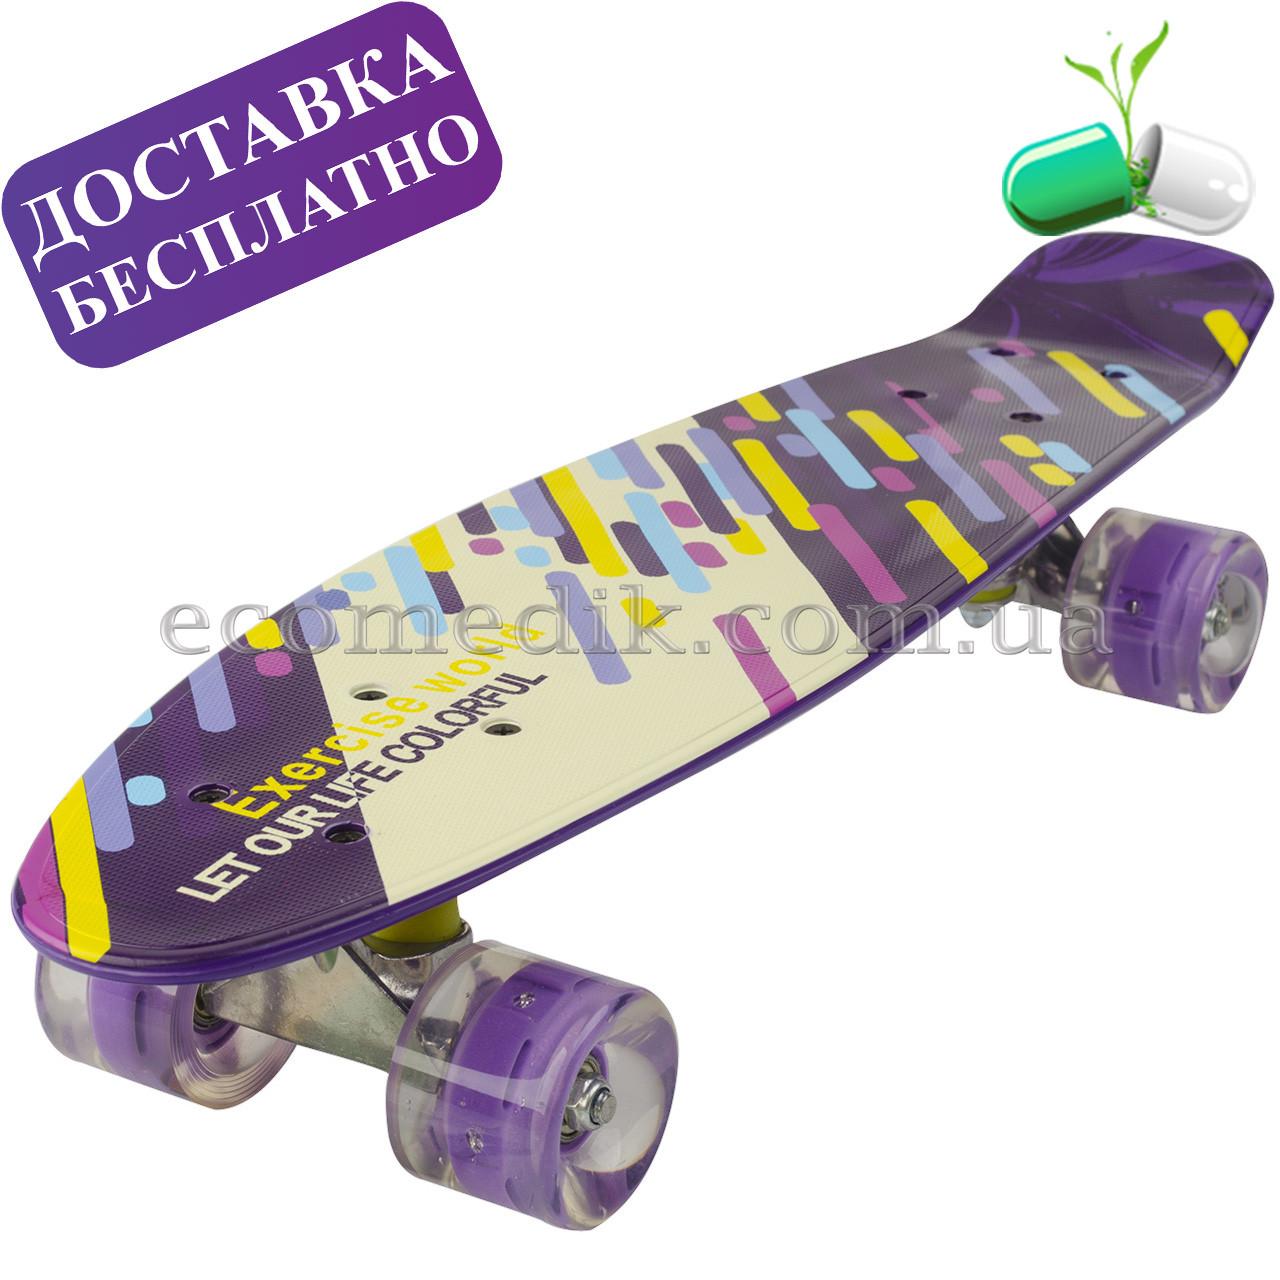 Красочный пенни борд с рисунком фиолетовый белый penny board со светящимися колесами